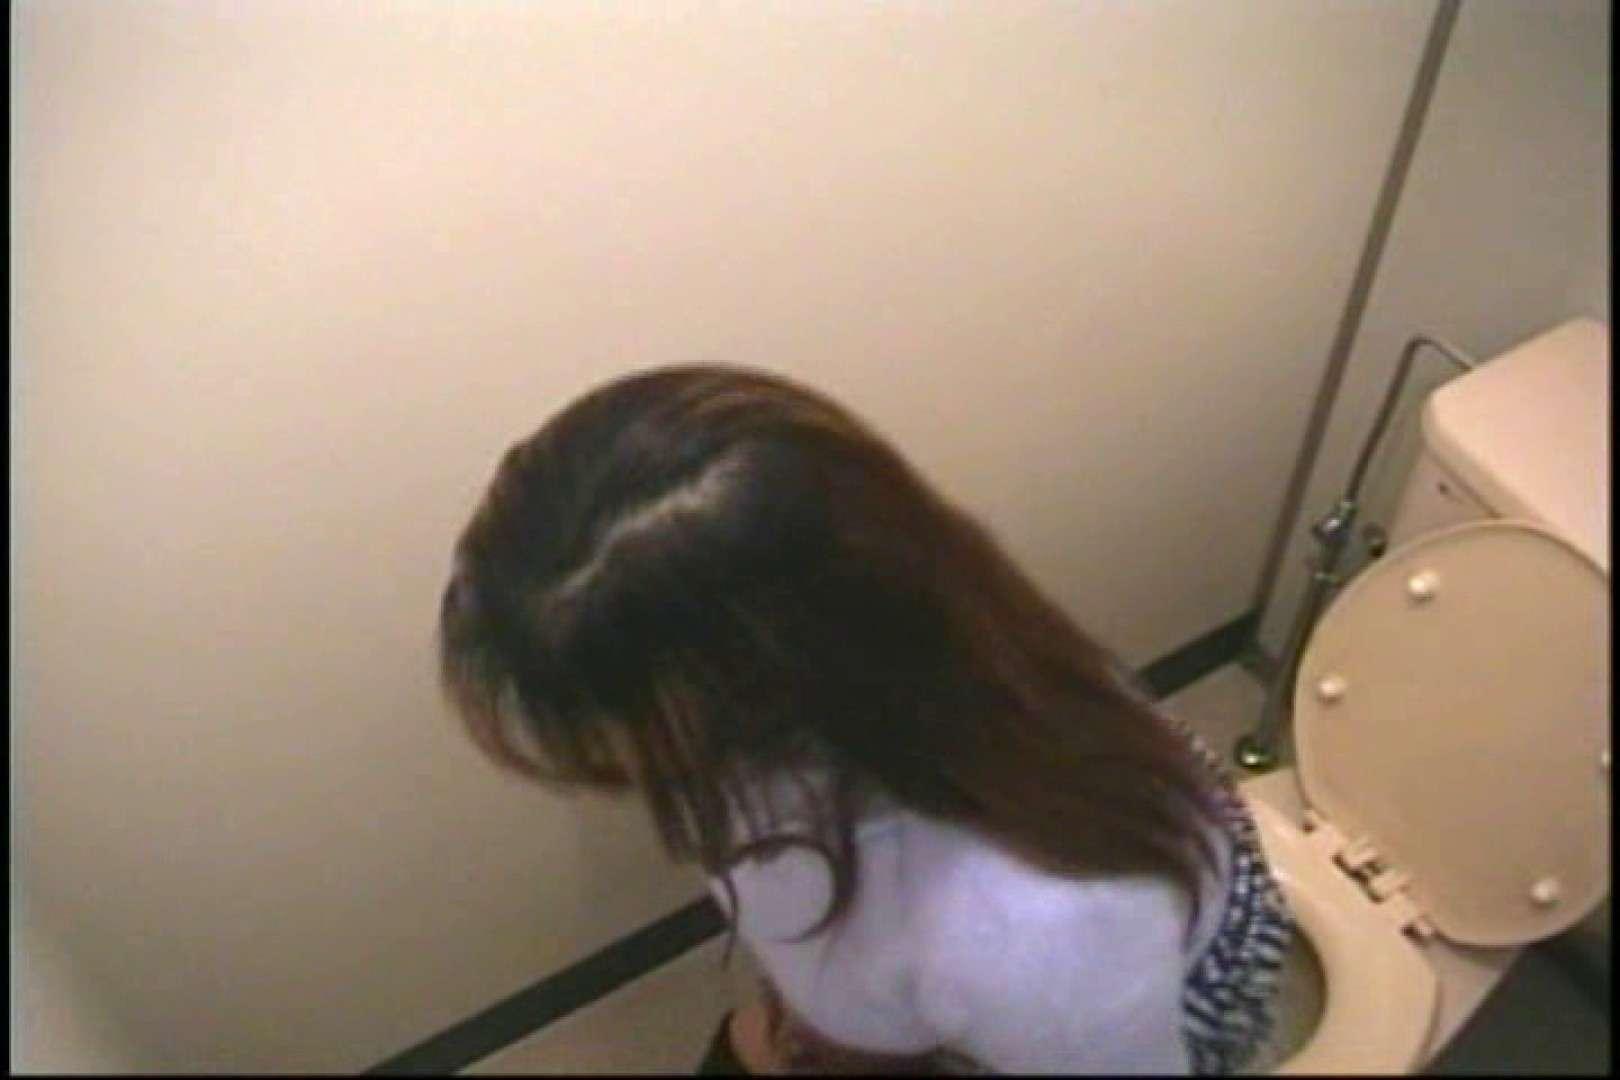 様式 和式 ところかまわず、厠覗き! 厠隠し撮り ワレメ無修正動画無料 74pic 28